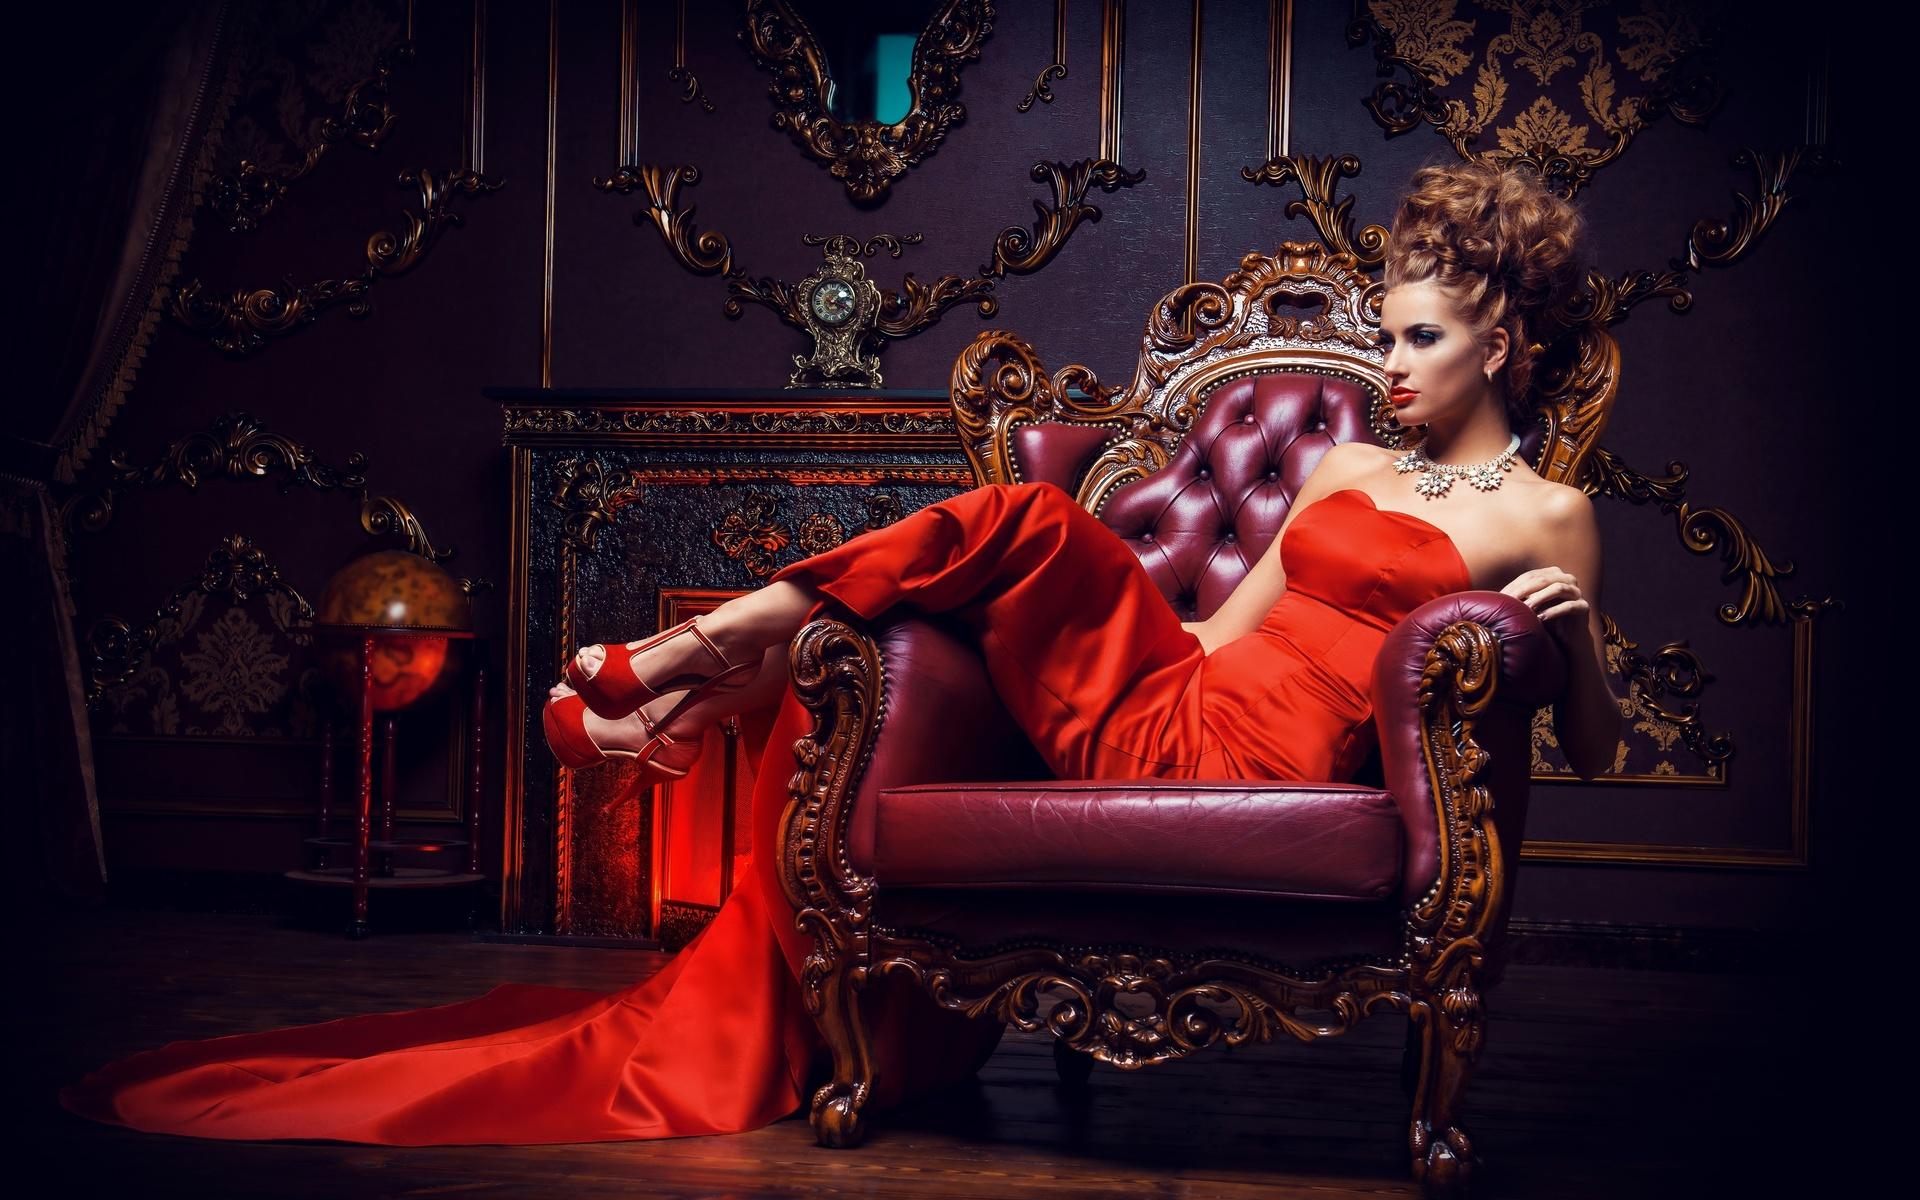 Королева на троне картинки